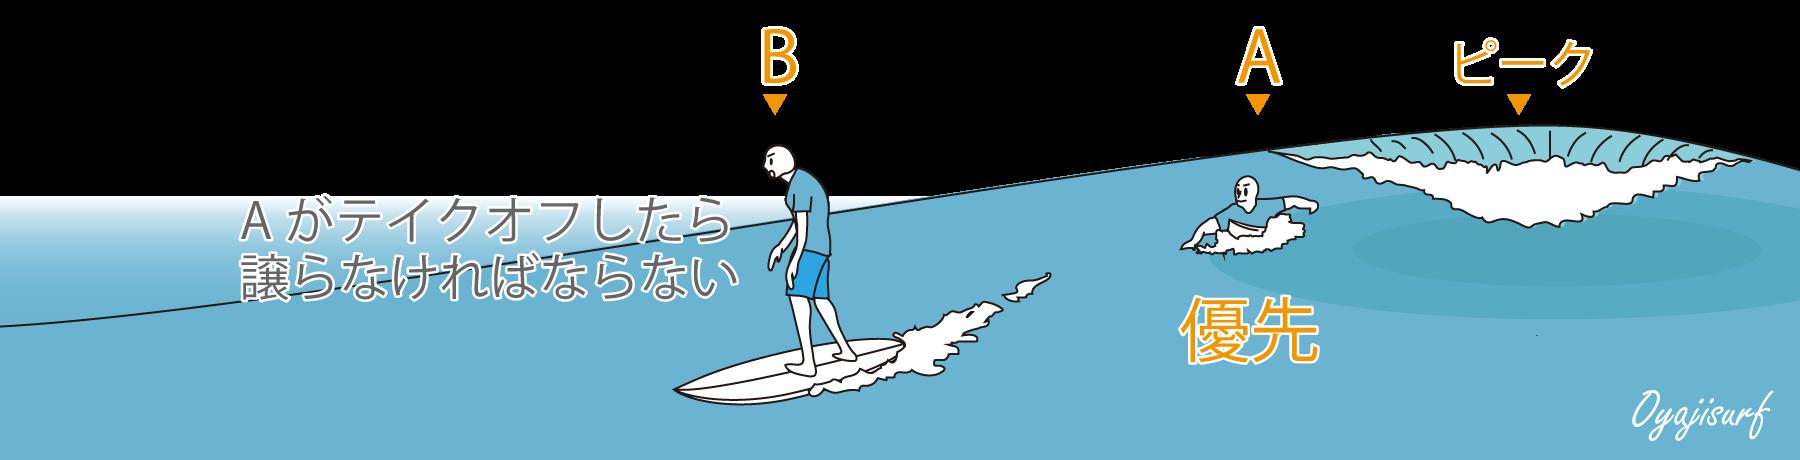 波の優先権2